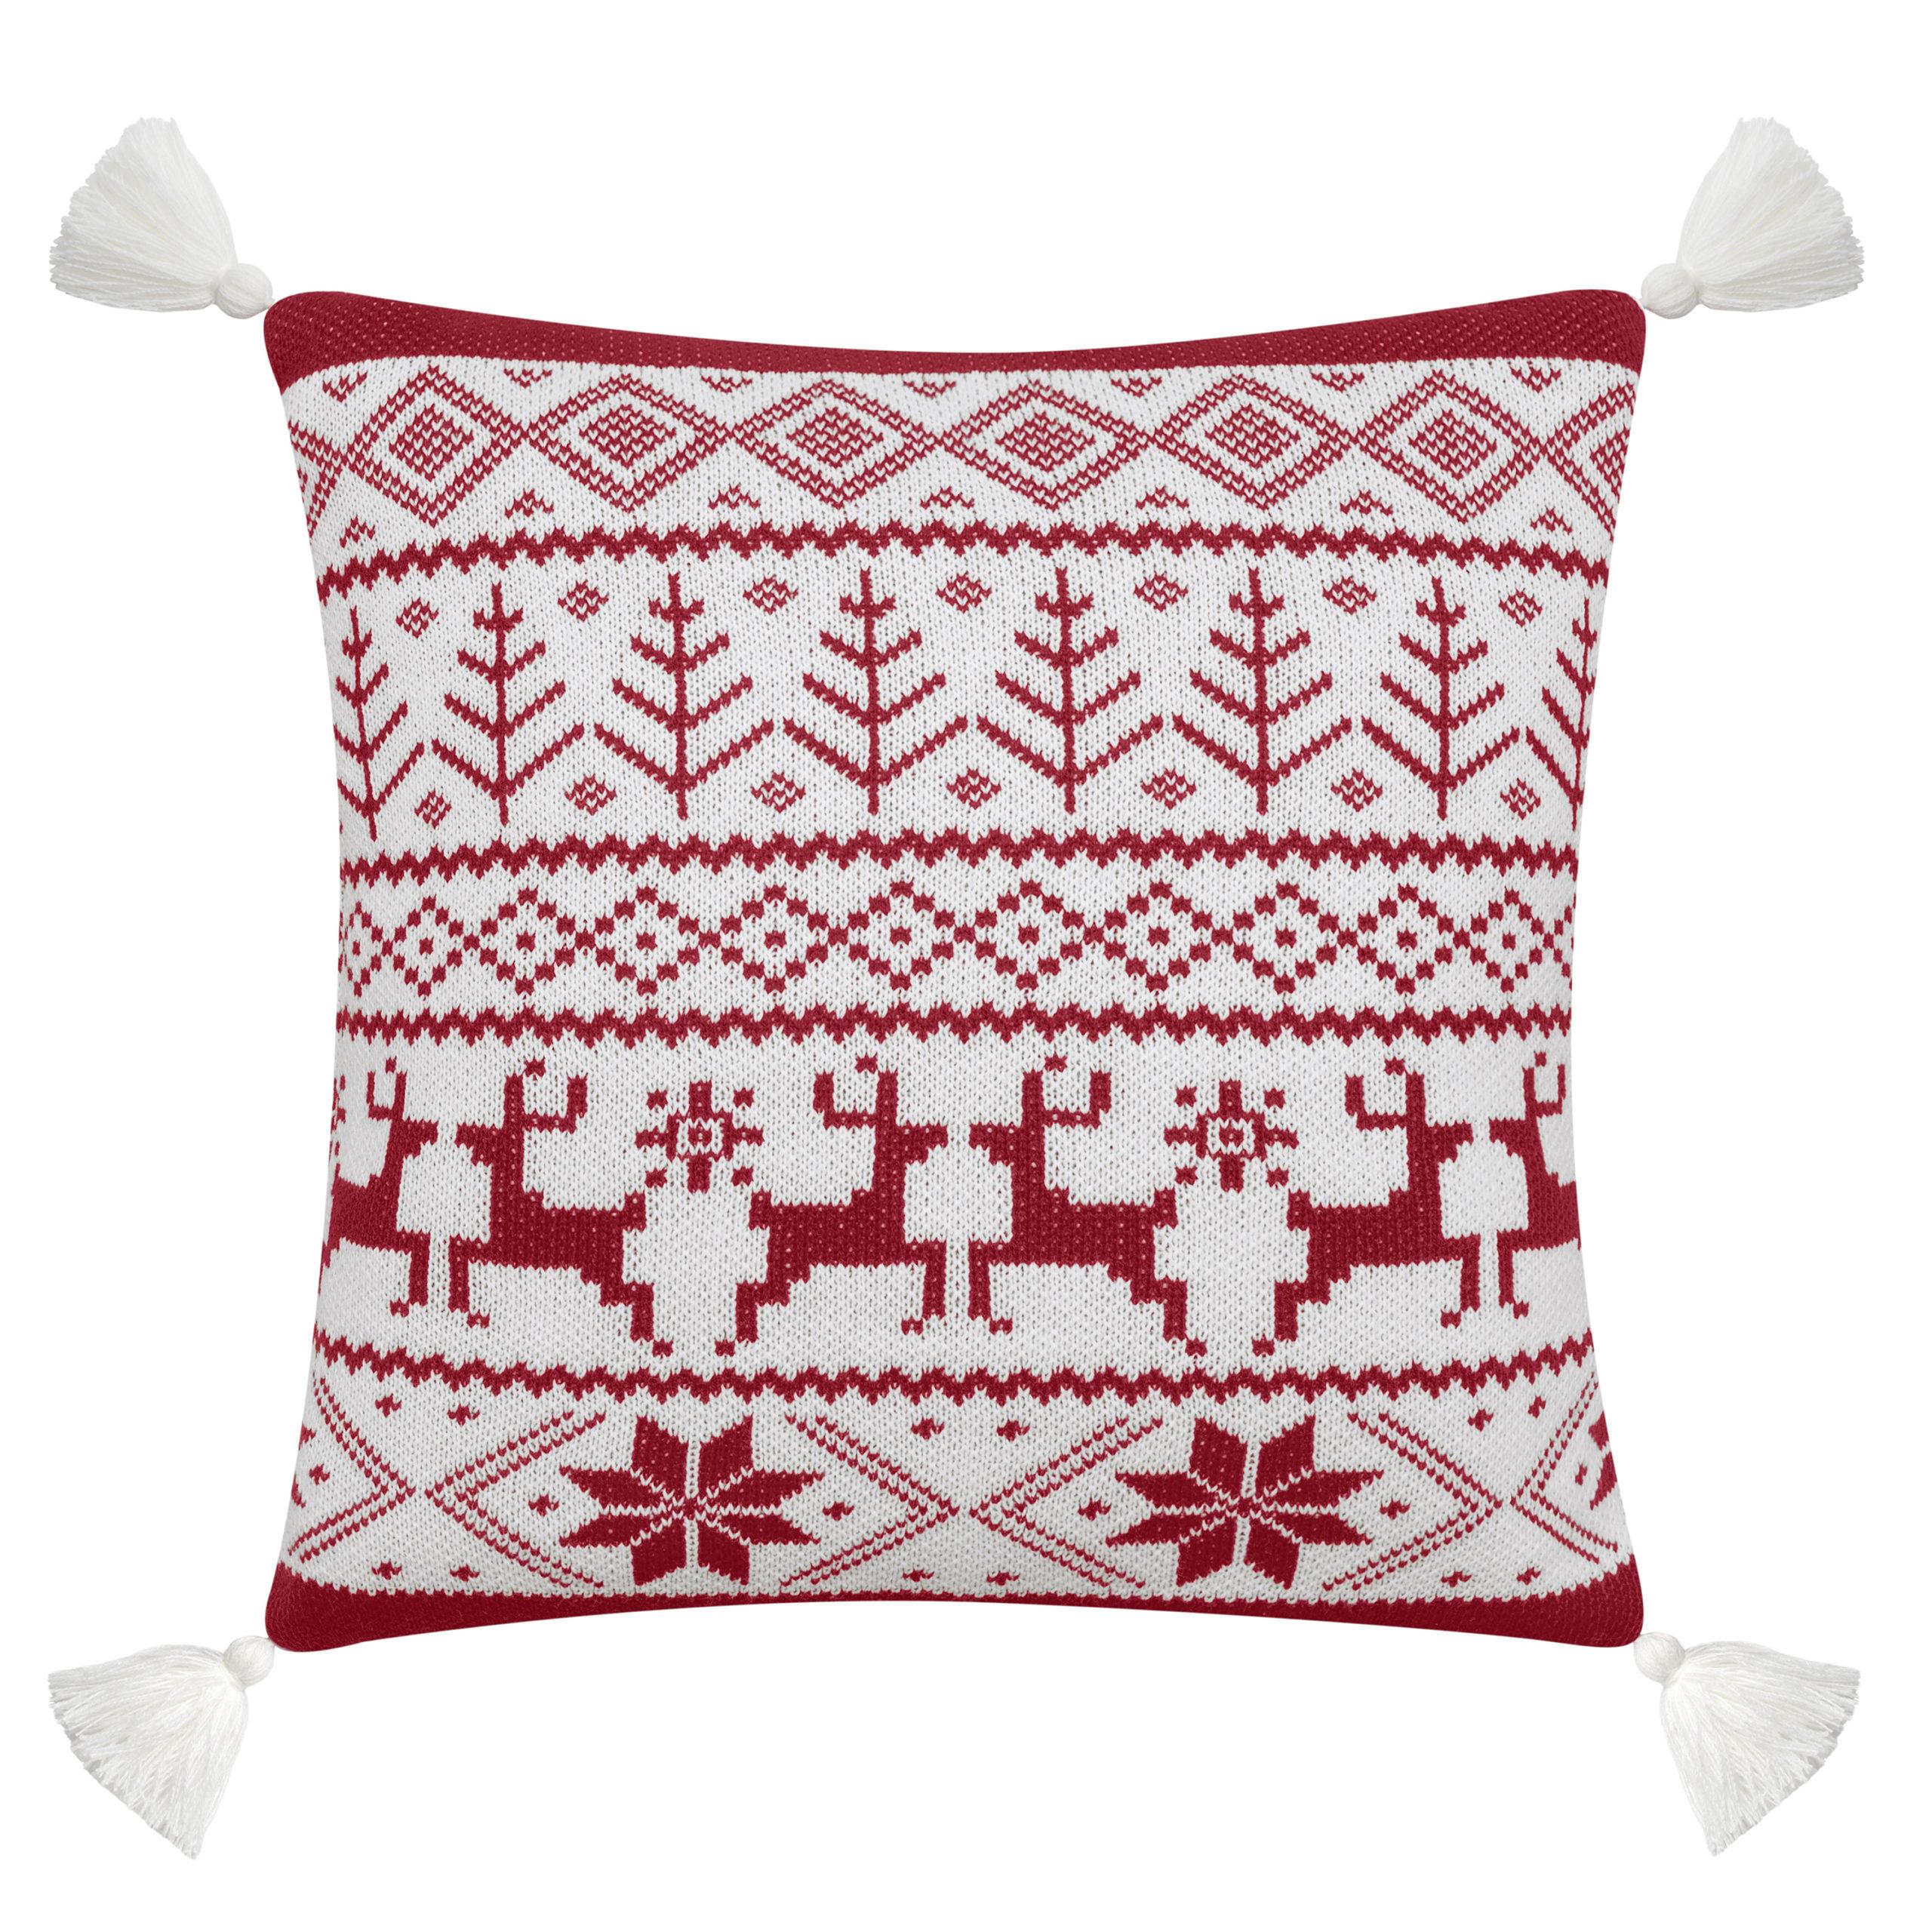 Red deer pillow